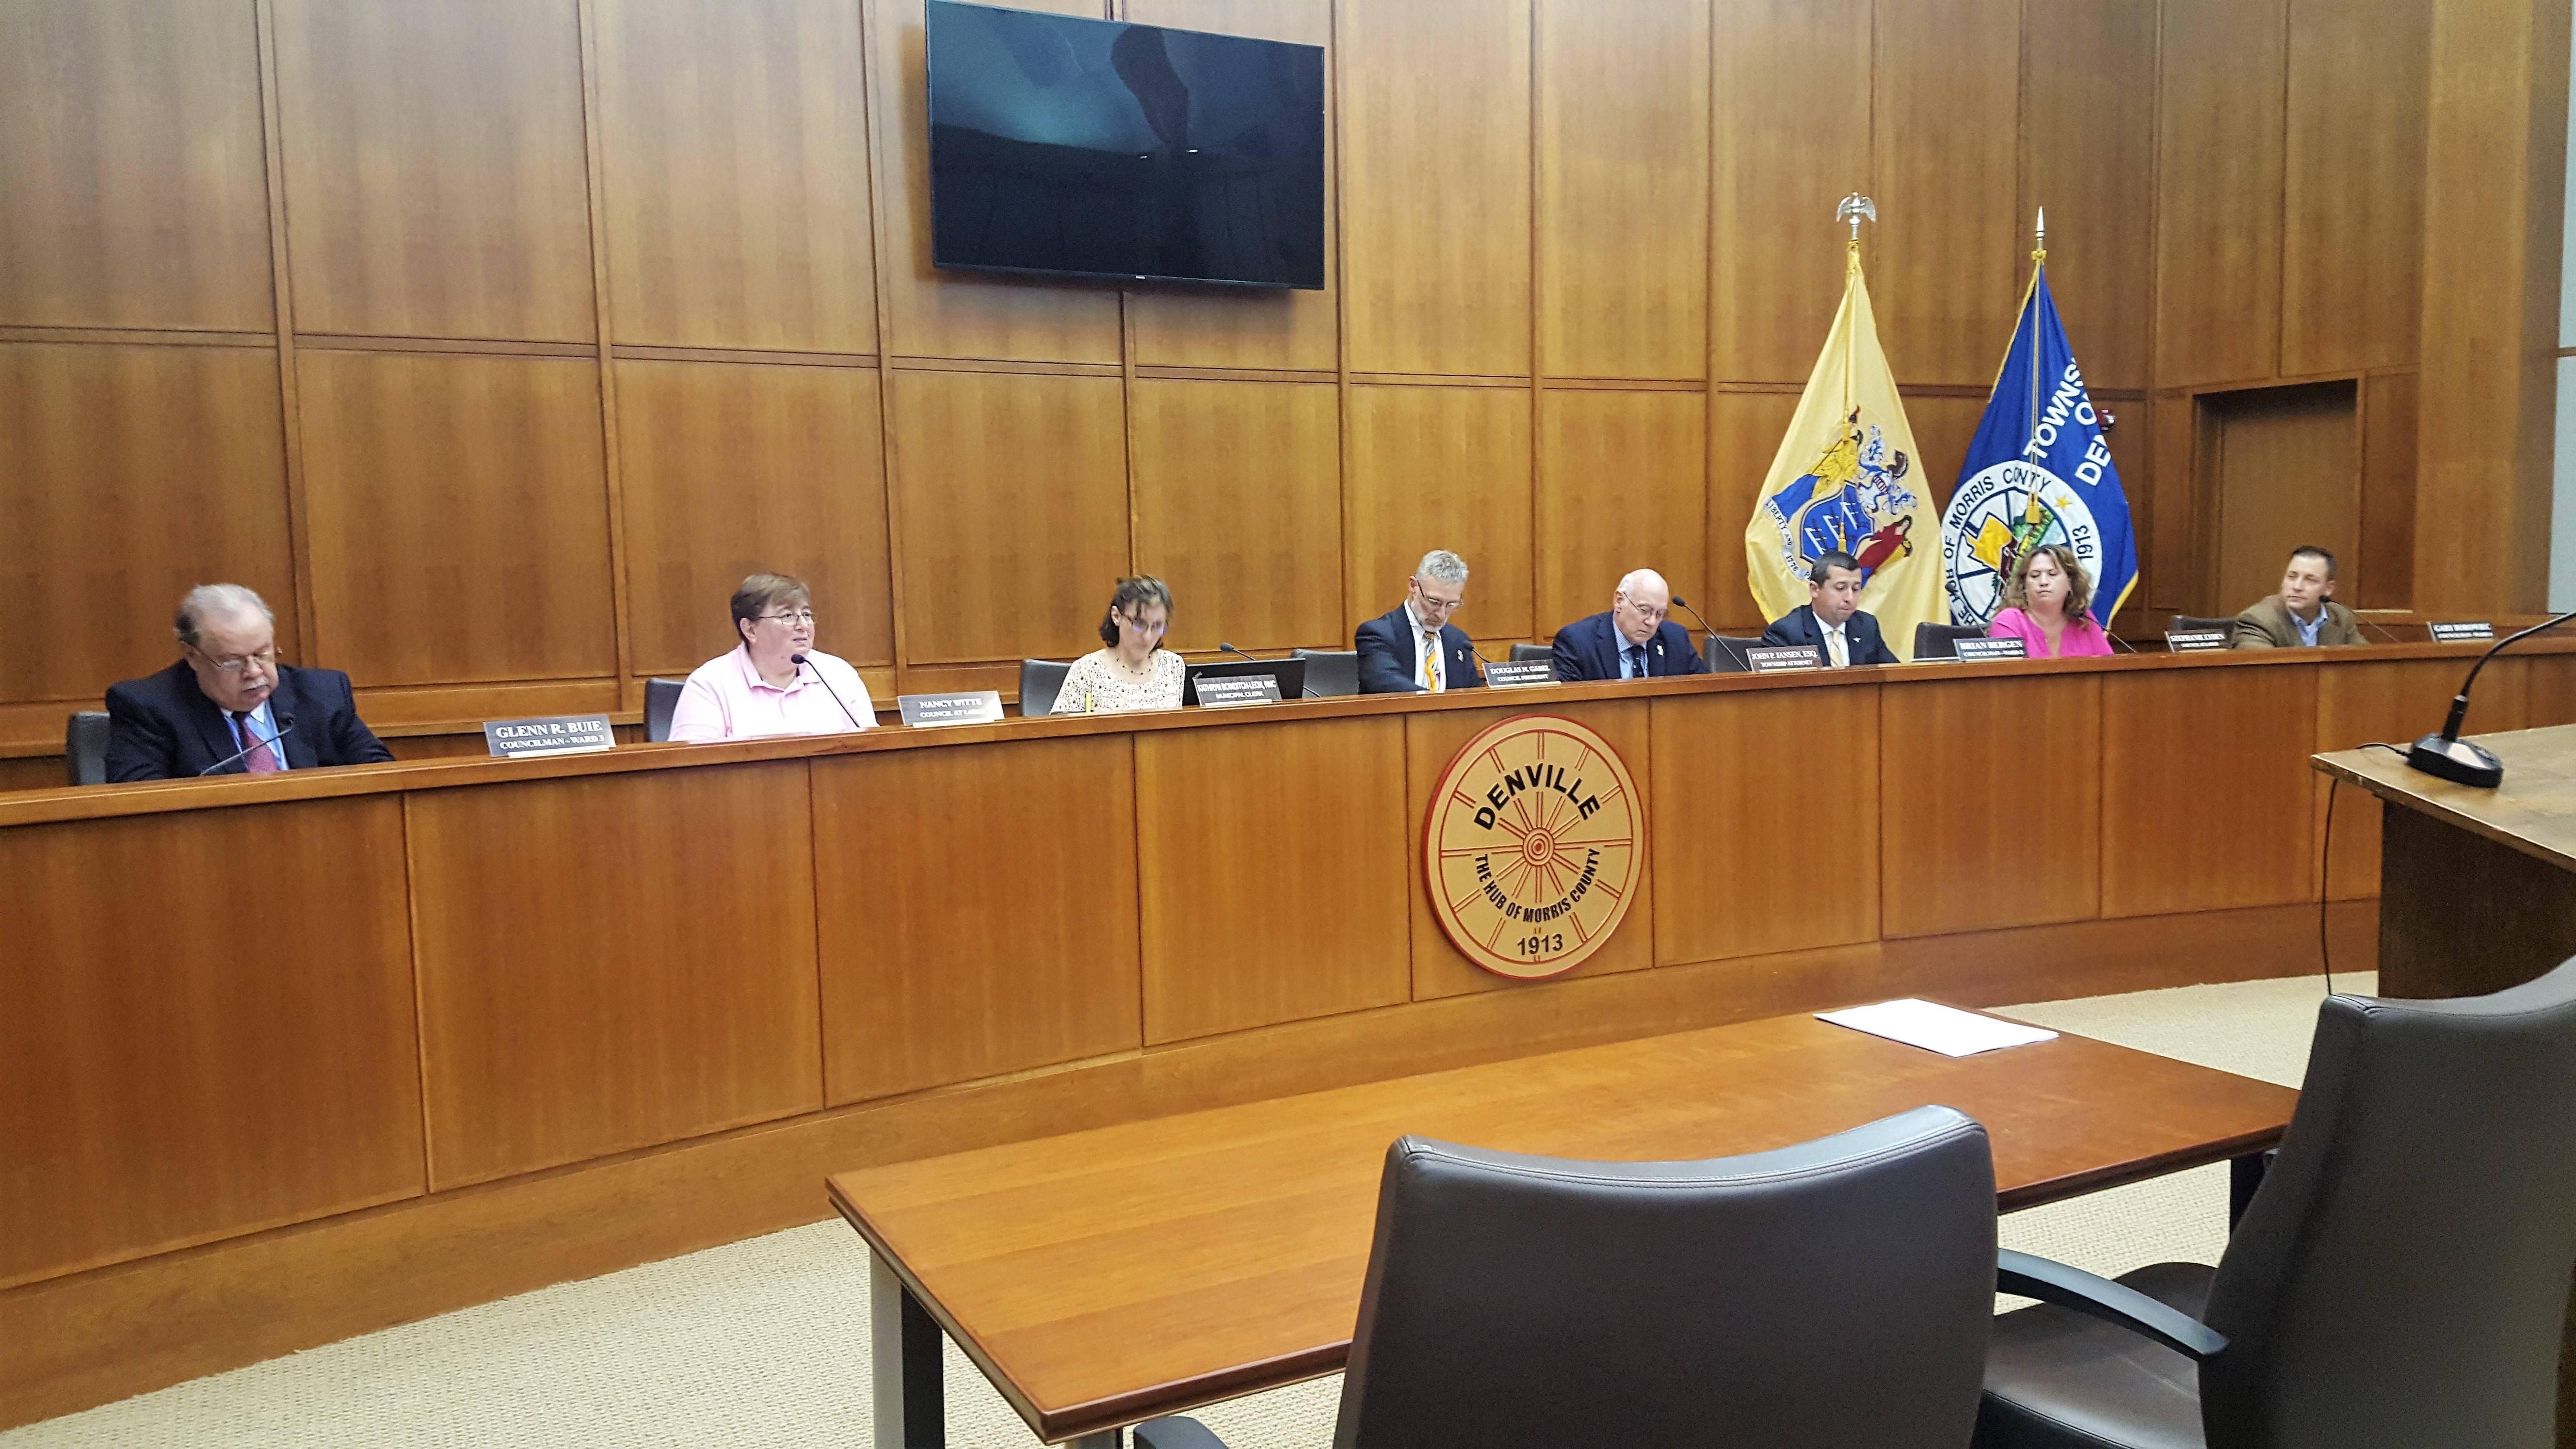 Denville Municipal Council.jpg